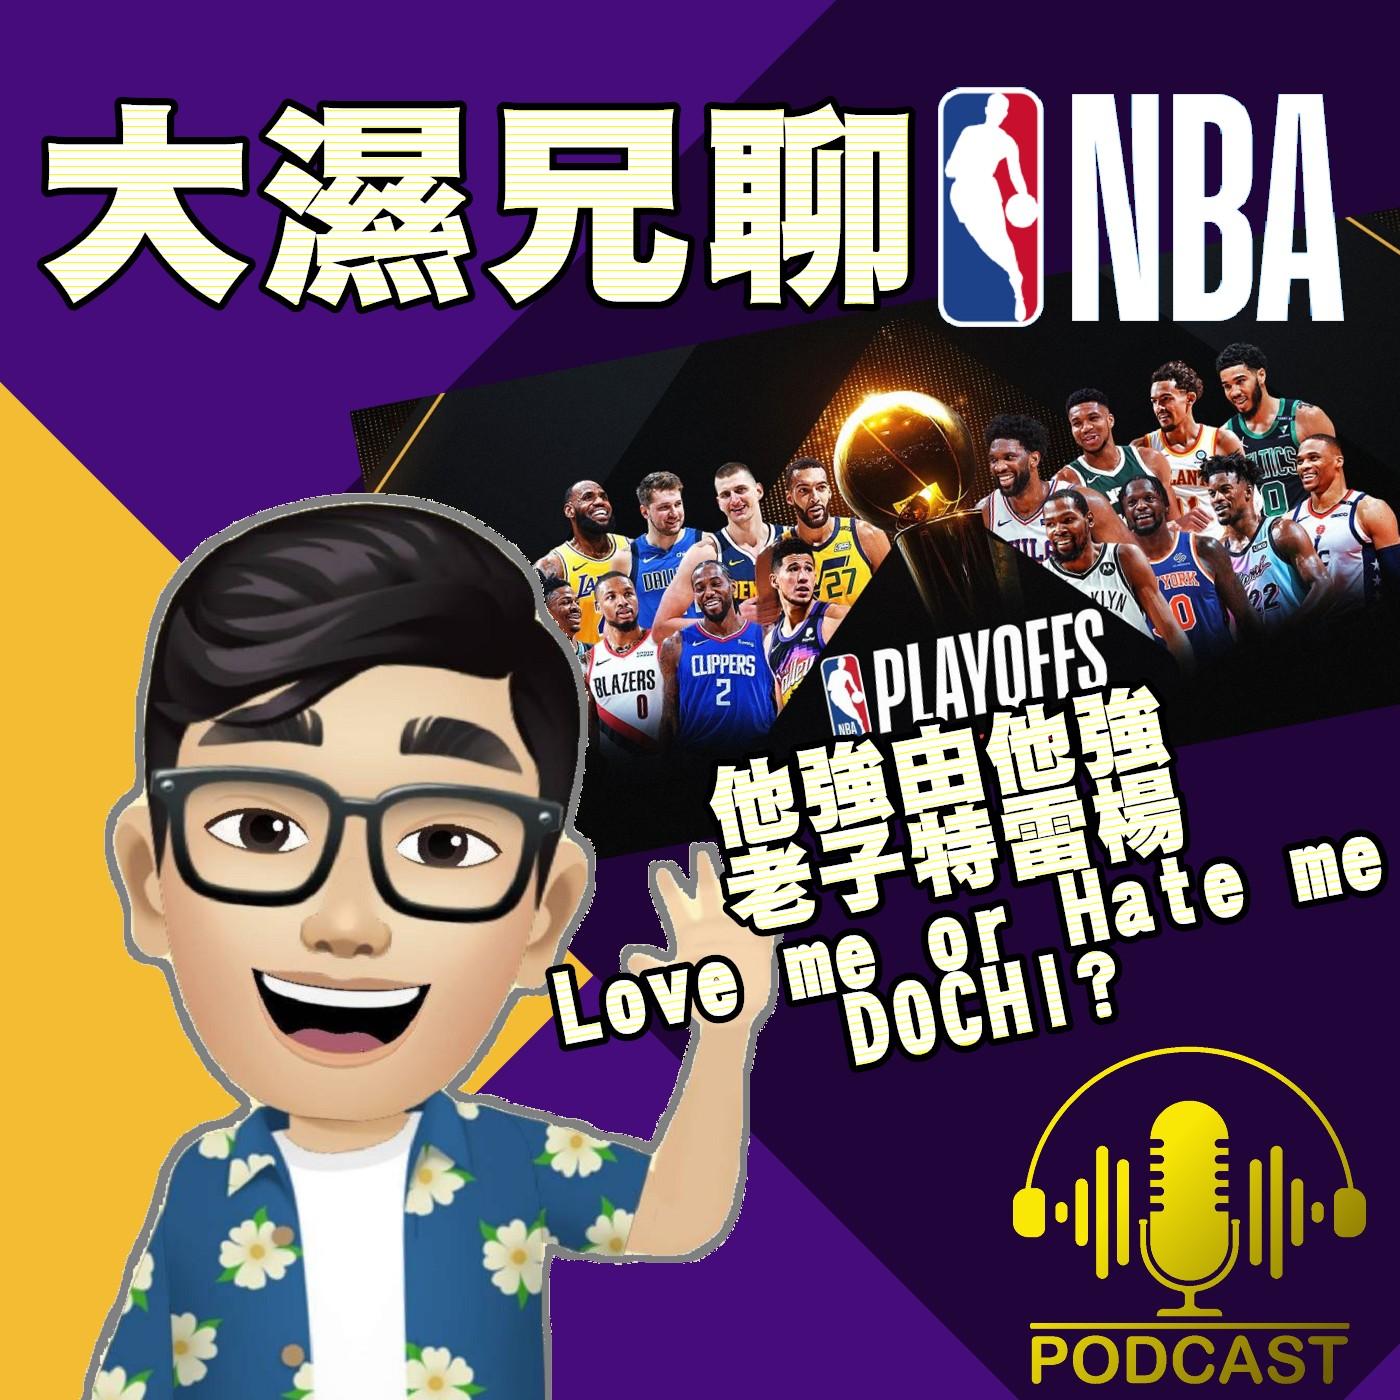 EP.26【NBA時間】他強由他強、老子特雷楊!Love me or Hate me DOCHI?